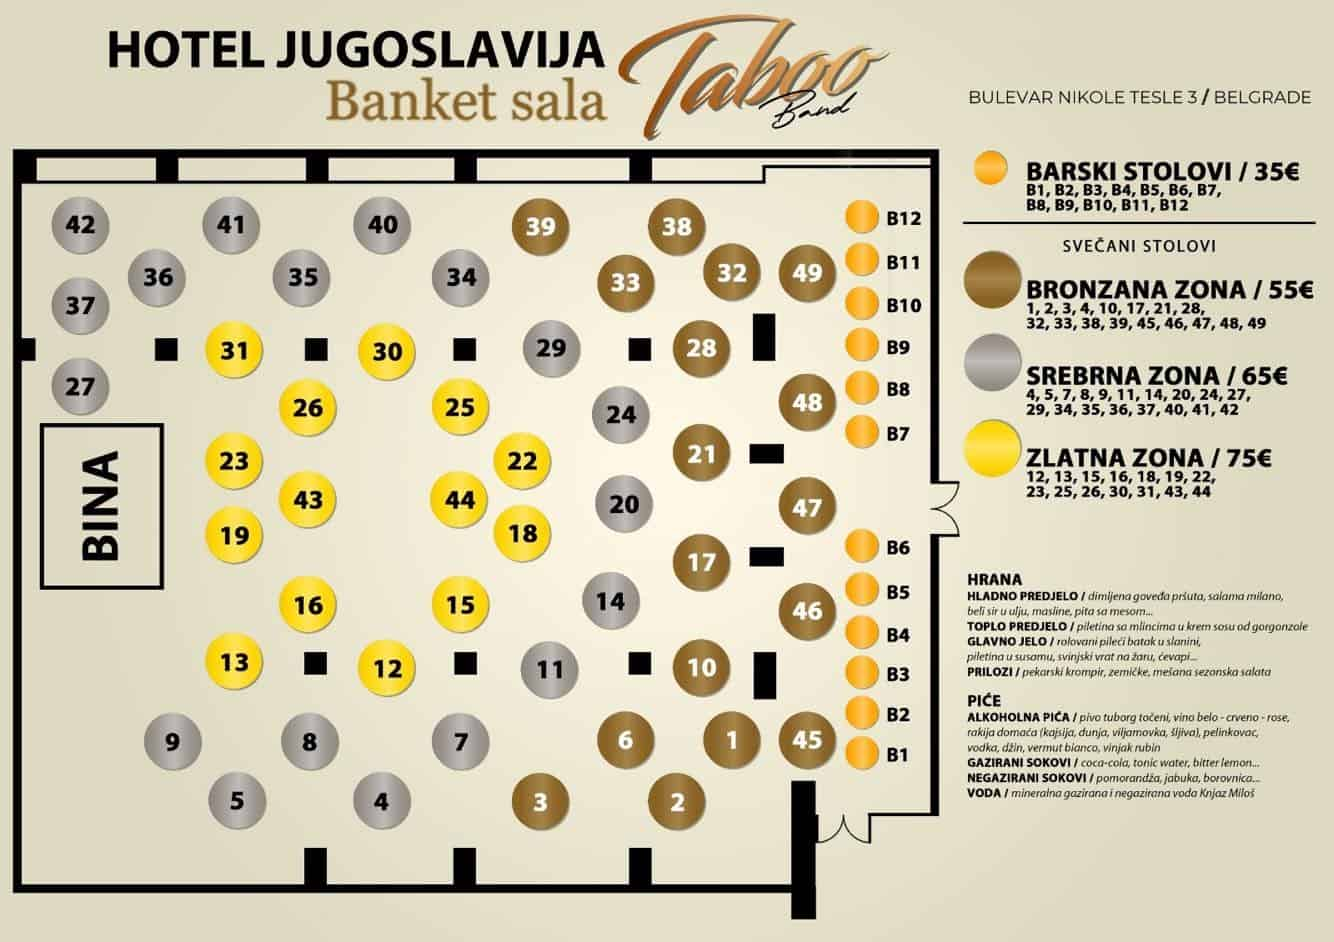 Hotel Jugoslavija mapa sa rasporedom stolova za doček Nove godine 2022 Beograd